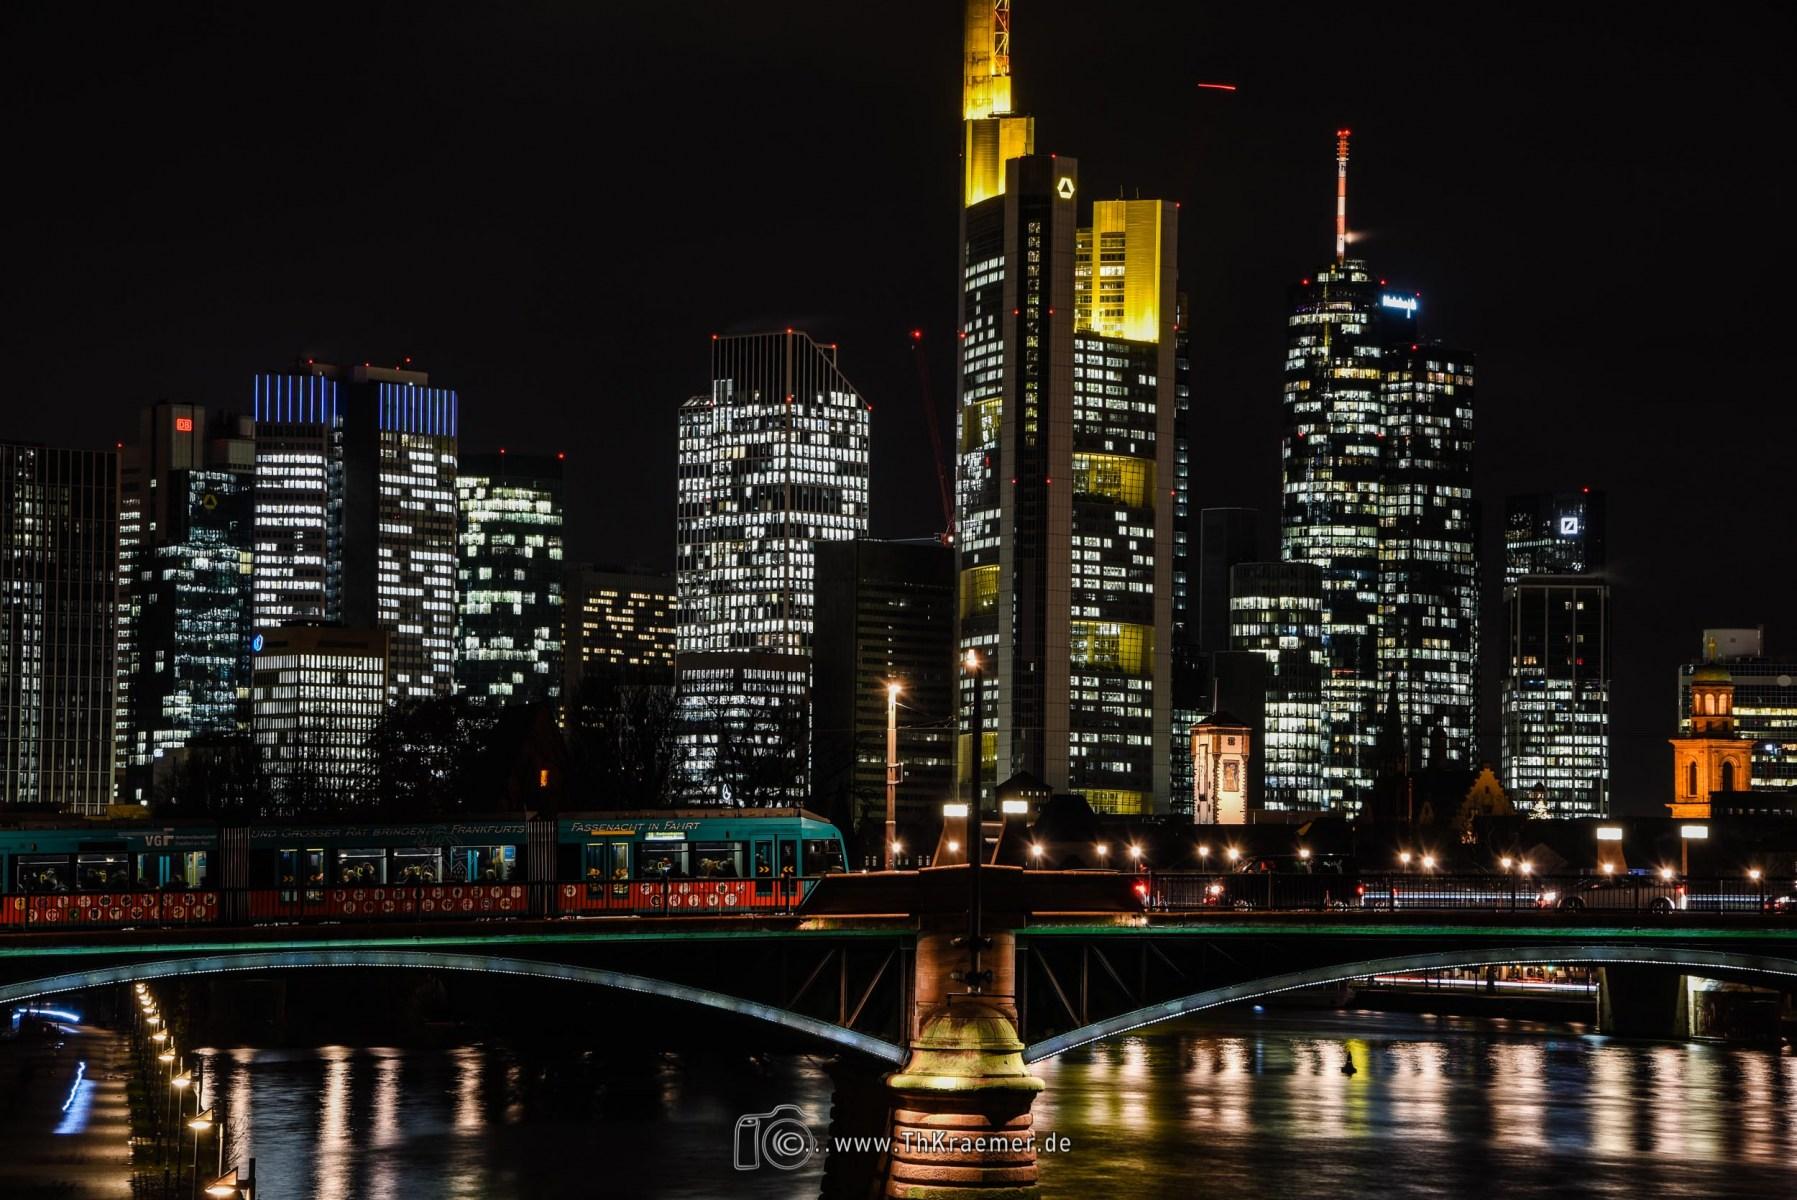 Nachtaufnahme in Frankfurt